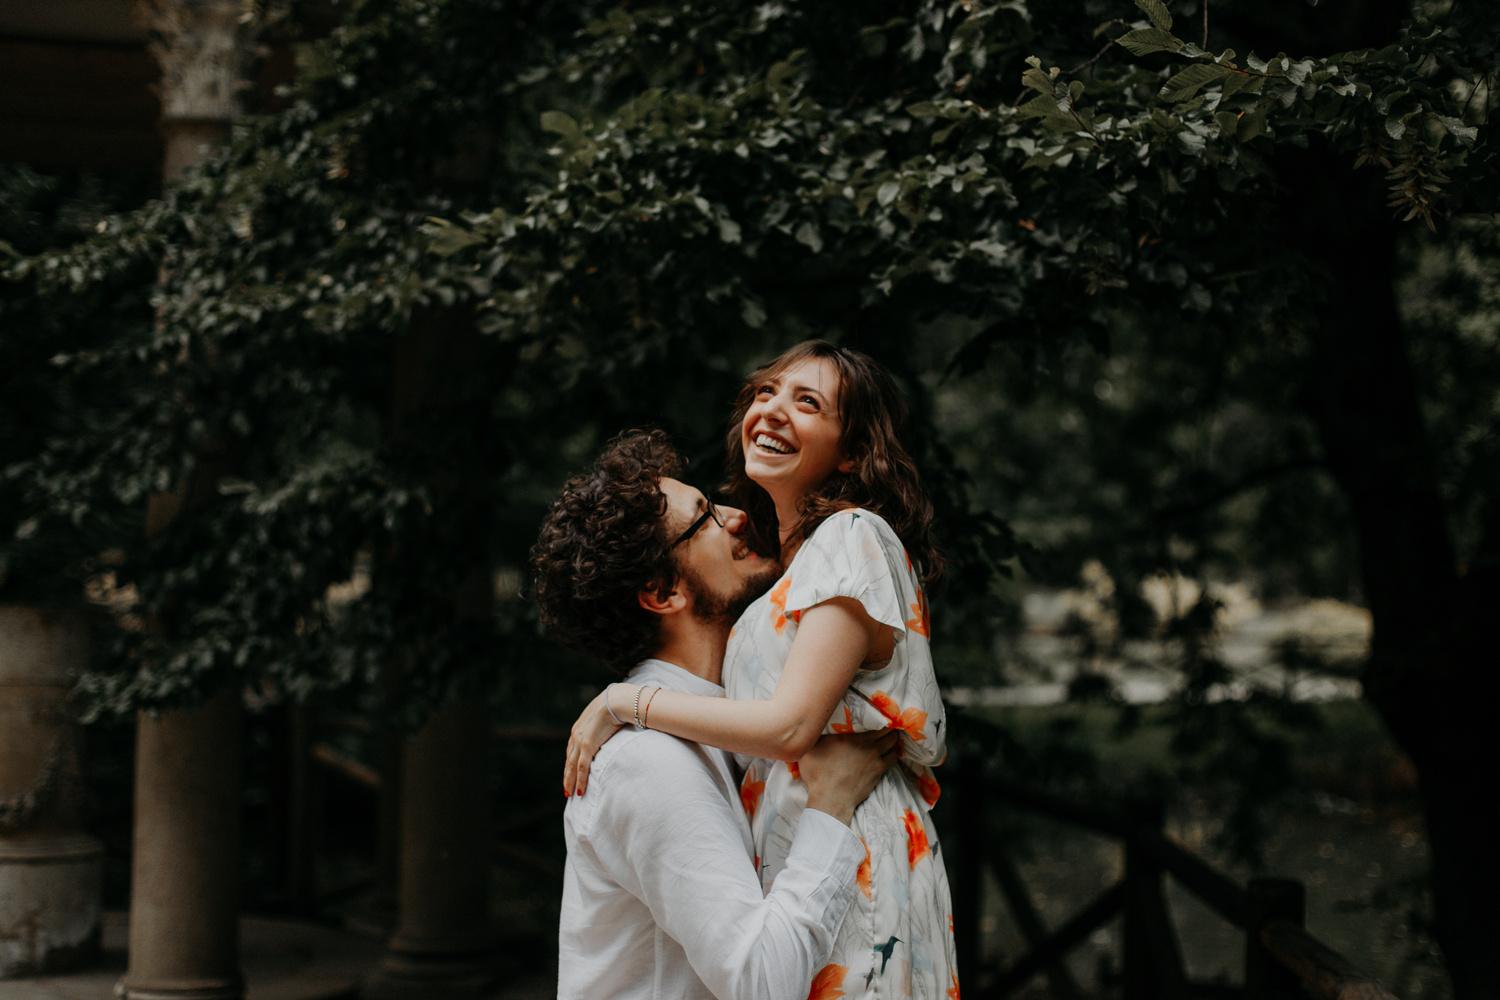 Ragazzo prende in braccio la sua fidanzata in un parco, mentre ridono